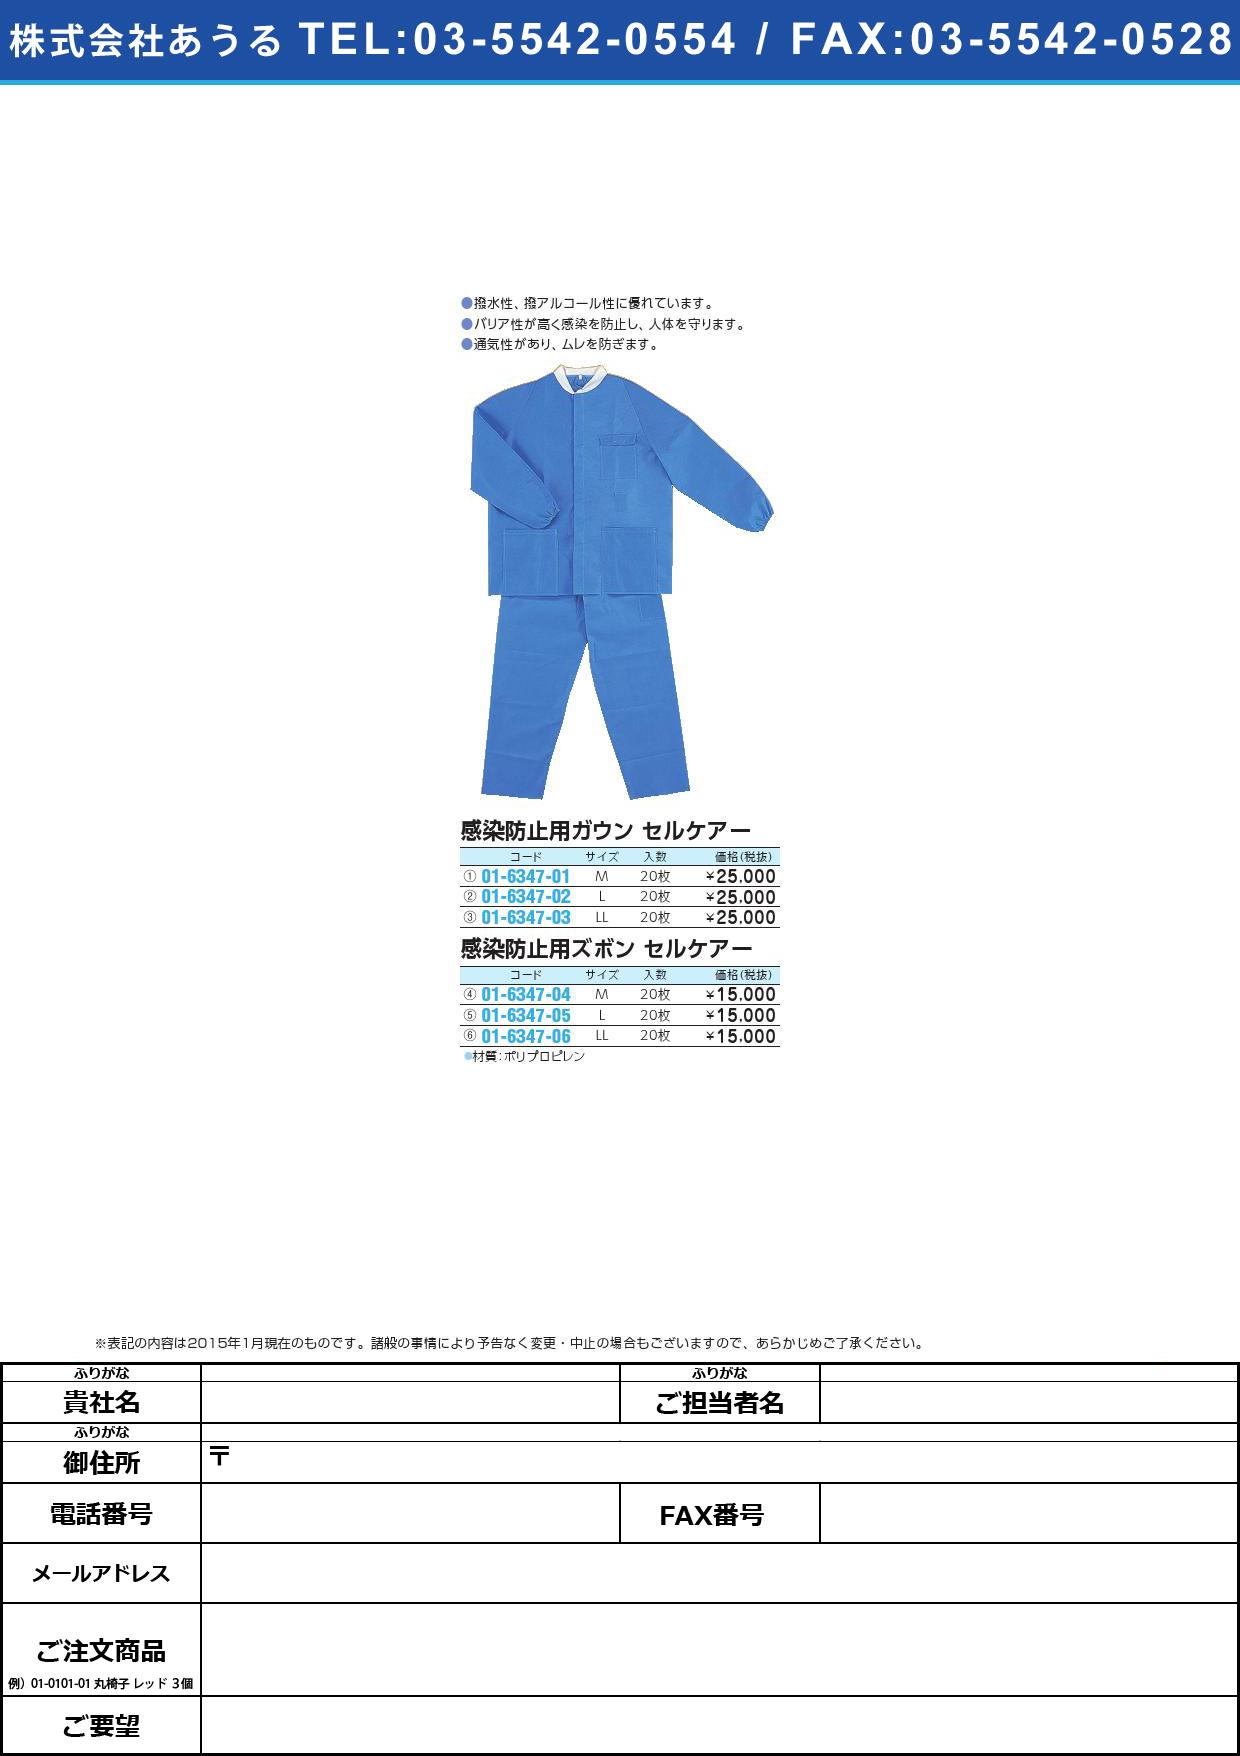 感染防止用ガウン カンセンボウシヨウガウン M(20マイイリ)【1梱単位】(01-6347-01)